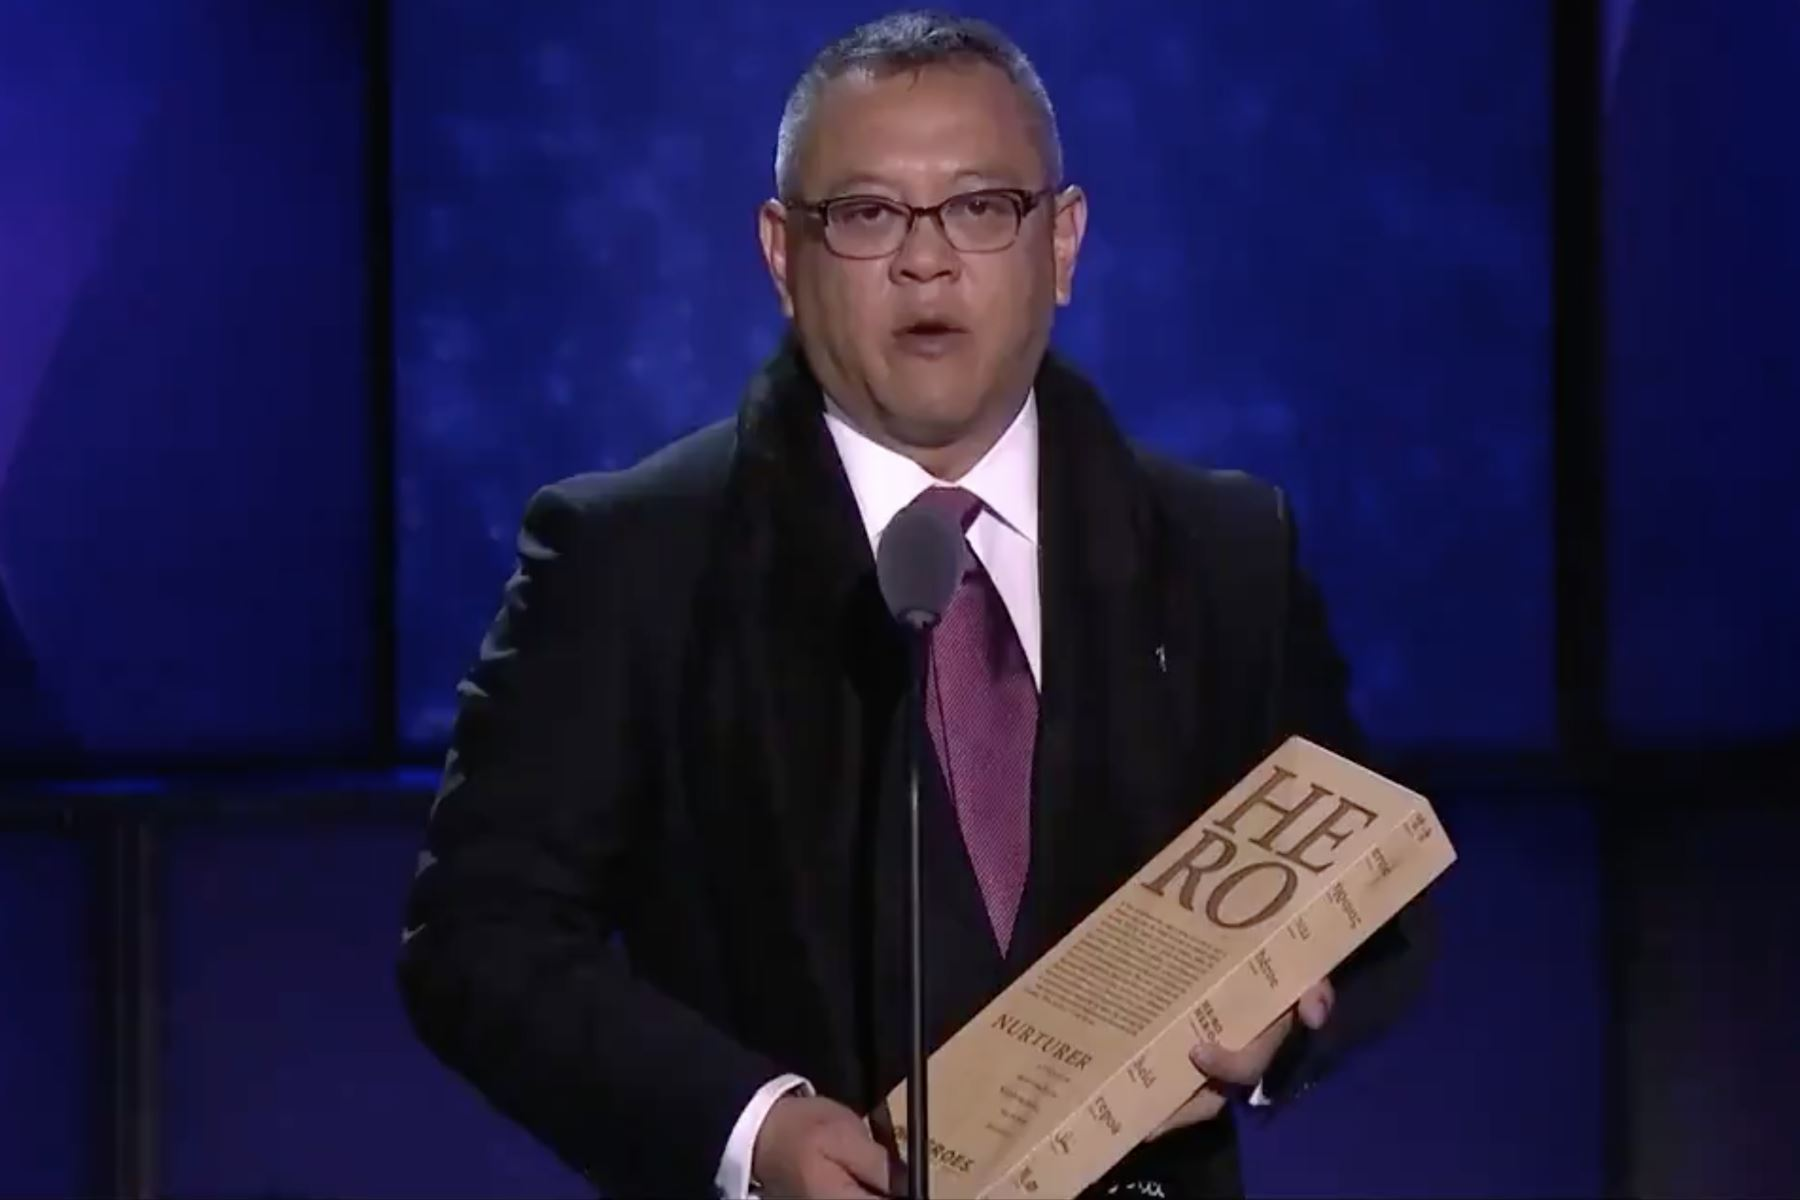 Ricardo Pun Chong, en el momento que recibió el premio de Héroe CNN 2018. Captura TV